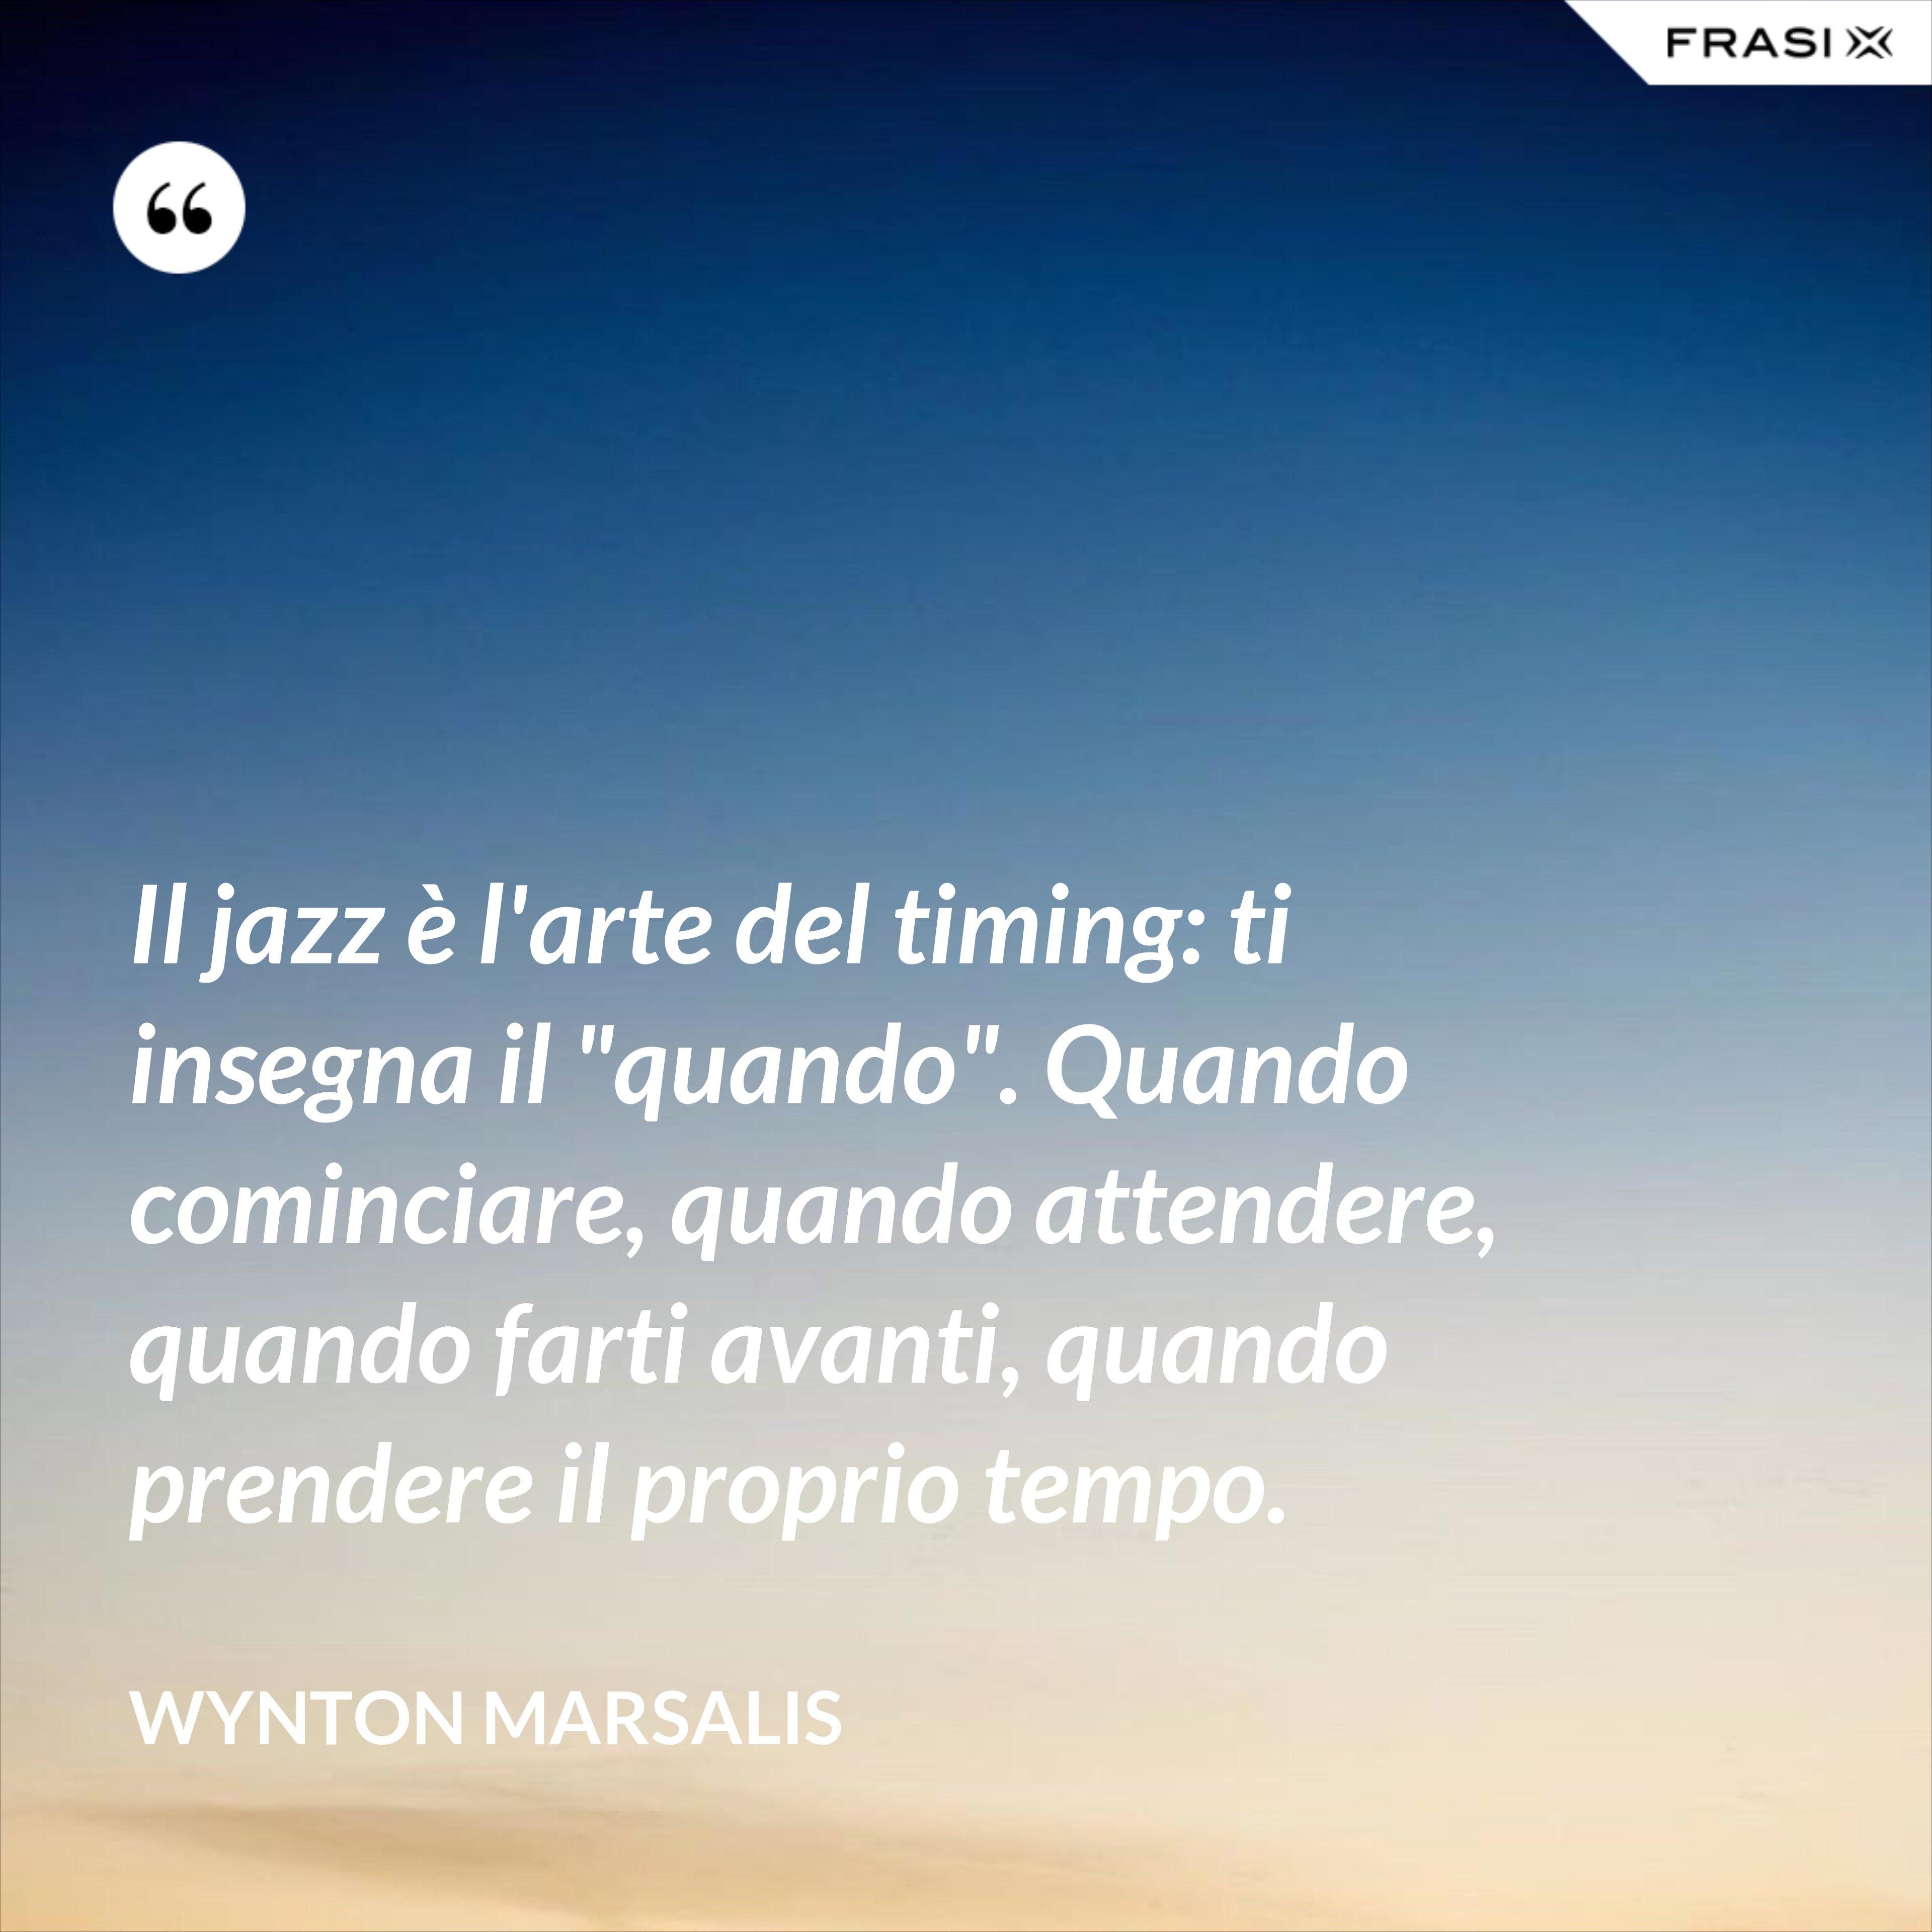 """Il jazz è l'arte del timing: ti insegna il """"quando"""". Quando cominciare, quando attendere, quando farti avanti, quando prendere il proprio tempo. - Wynton Marsalis"""